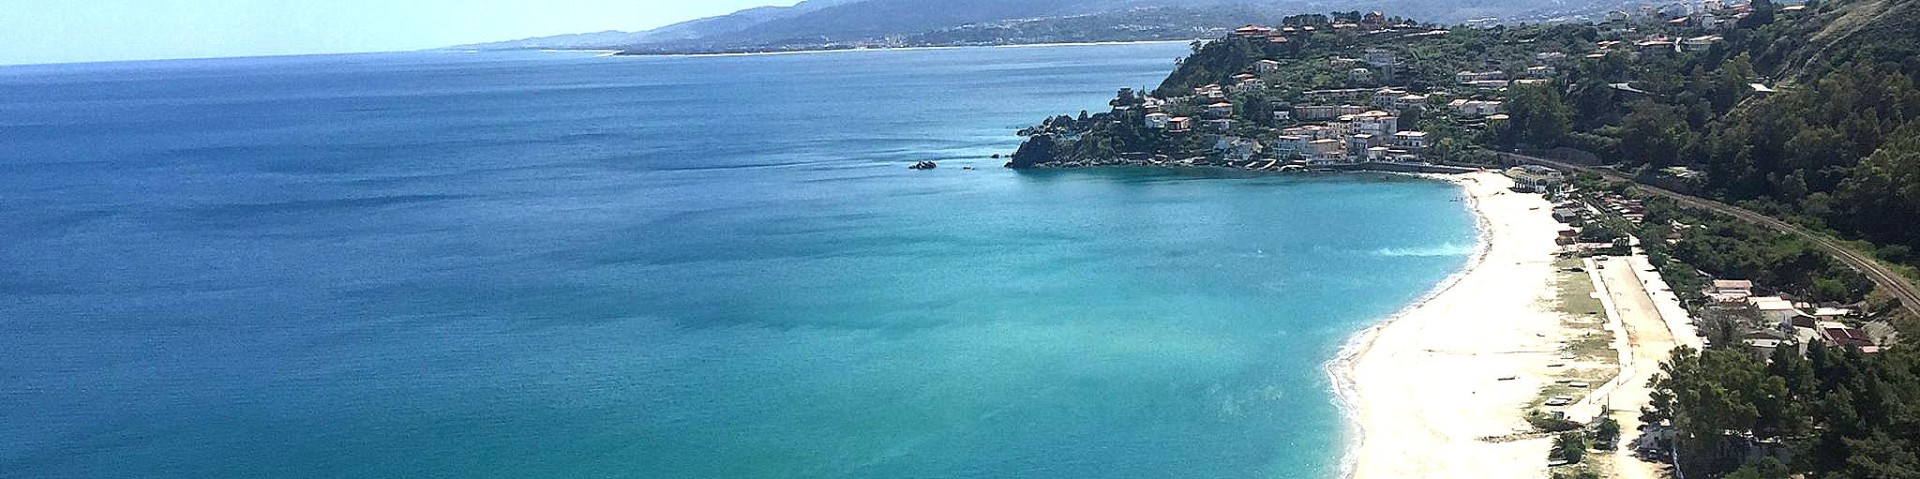 Squillace Lido, celkový pohled, v dálce pak záliv, kde je Montepaone Lido